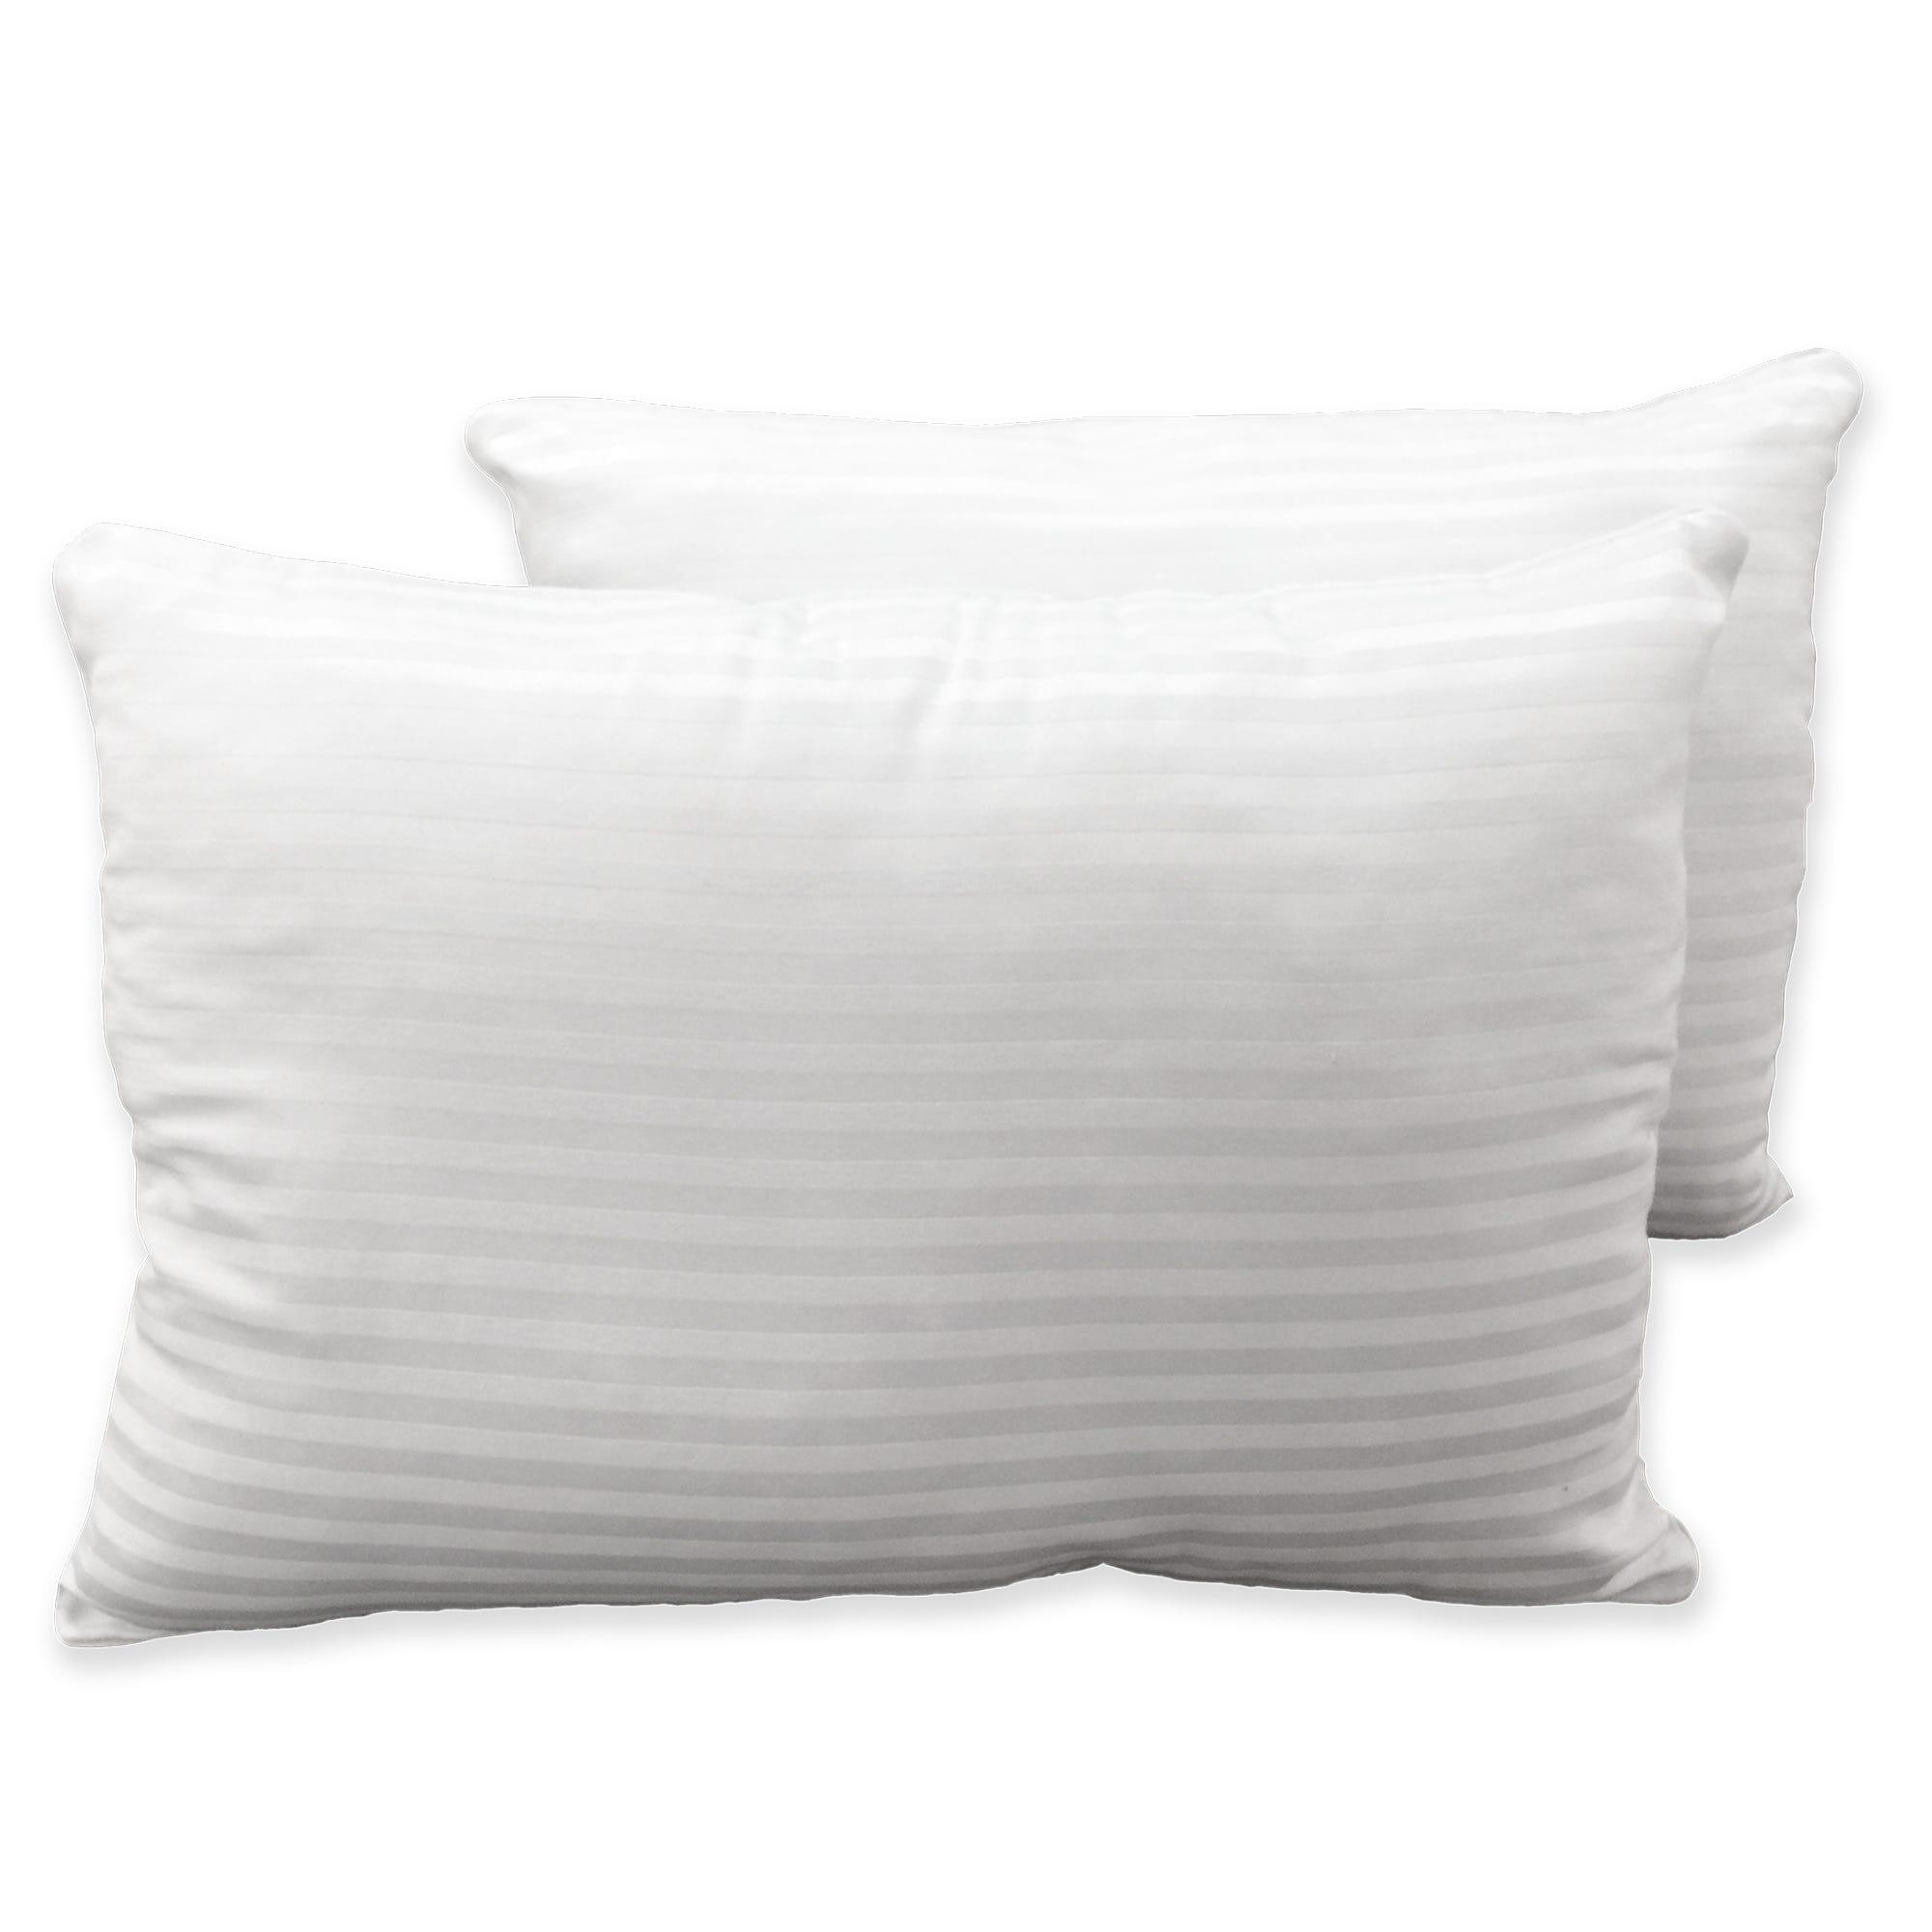 Set de dos almohadas estándar Spring Air®, de 250 hilos